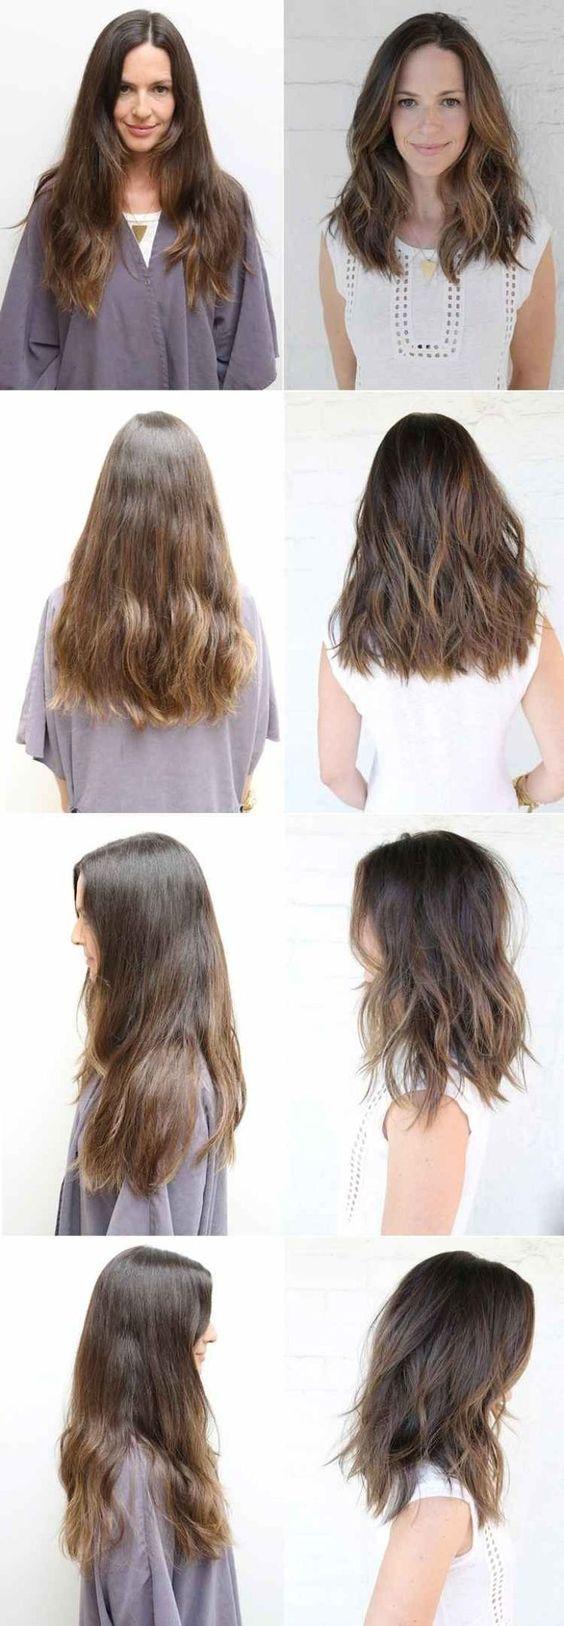 Bildergebnis Fur Gestufter Fransenschnitt Lange Haare Haarschnitt Lange Haare Frisuren Lange Haare Schnitt Haarschnitt